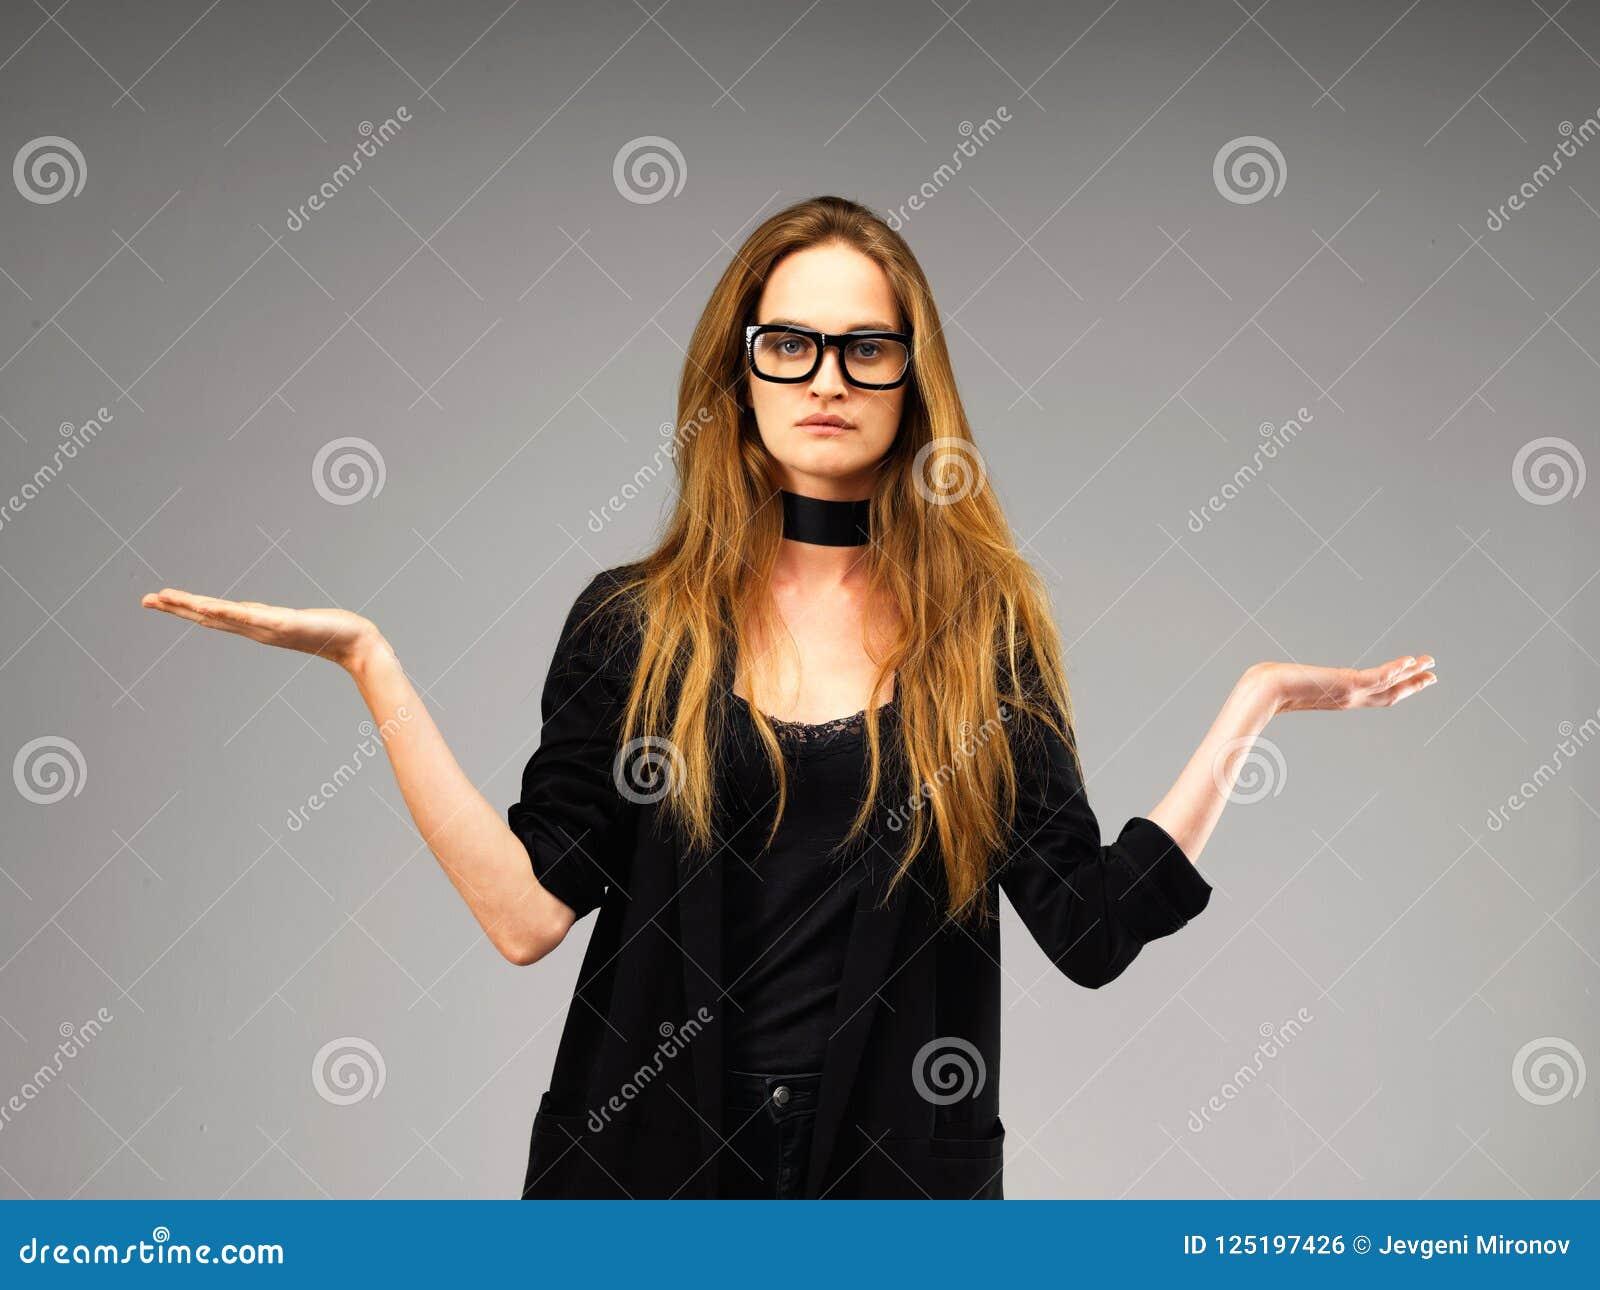 Körpersprache Attraktive Vorbildliche Junge Frau